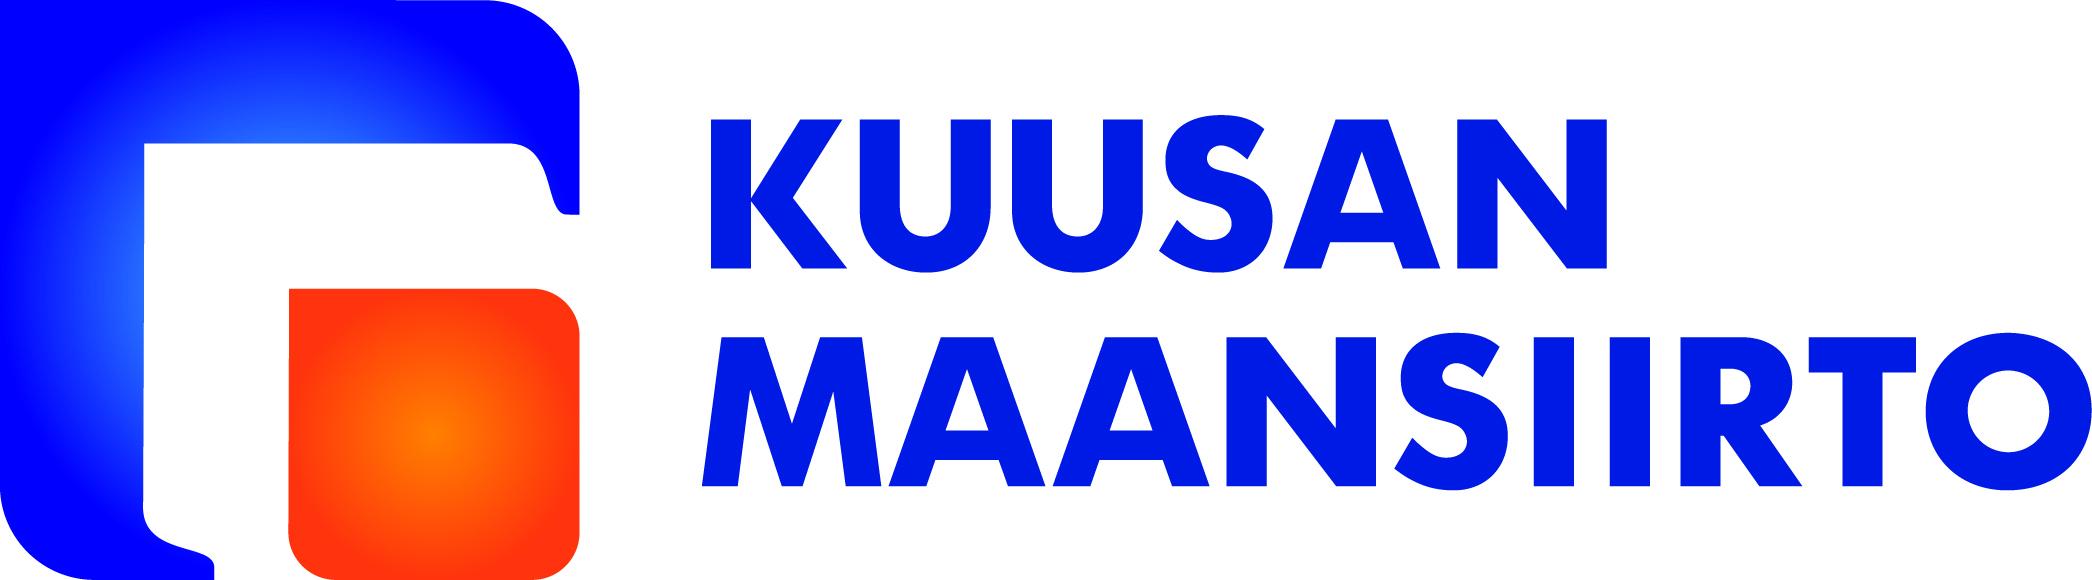 logo: Kuusan Maansiirto